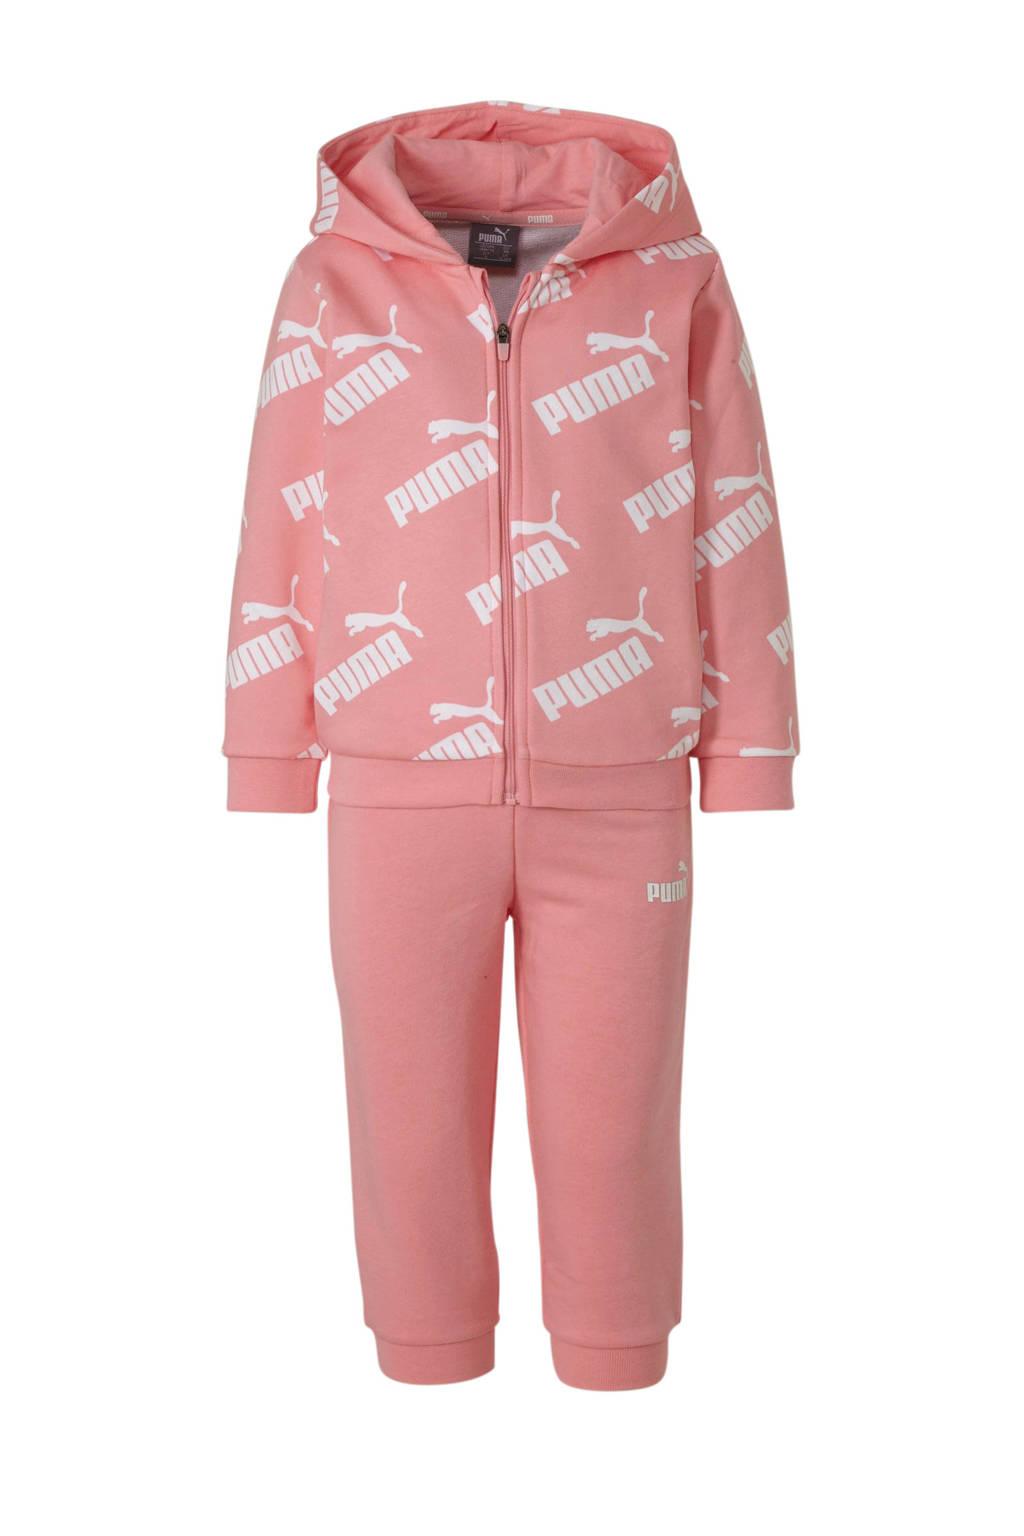 Puma joggingpak roze/wit, Roze/wit